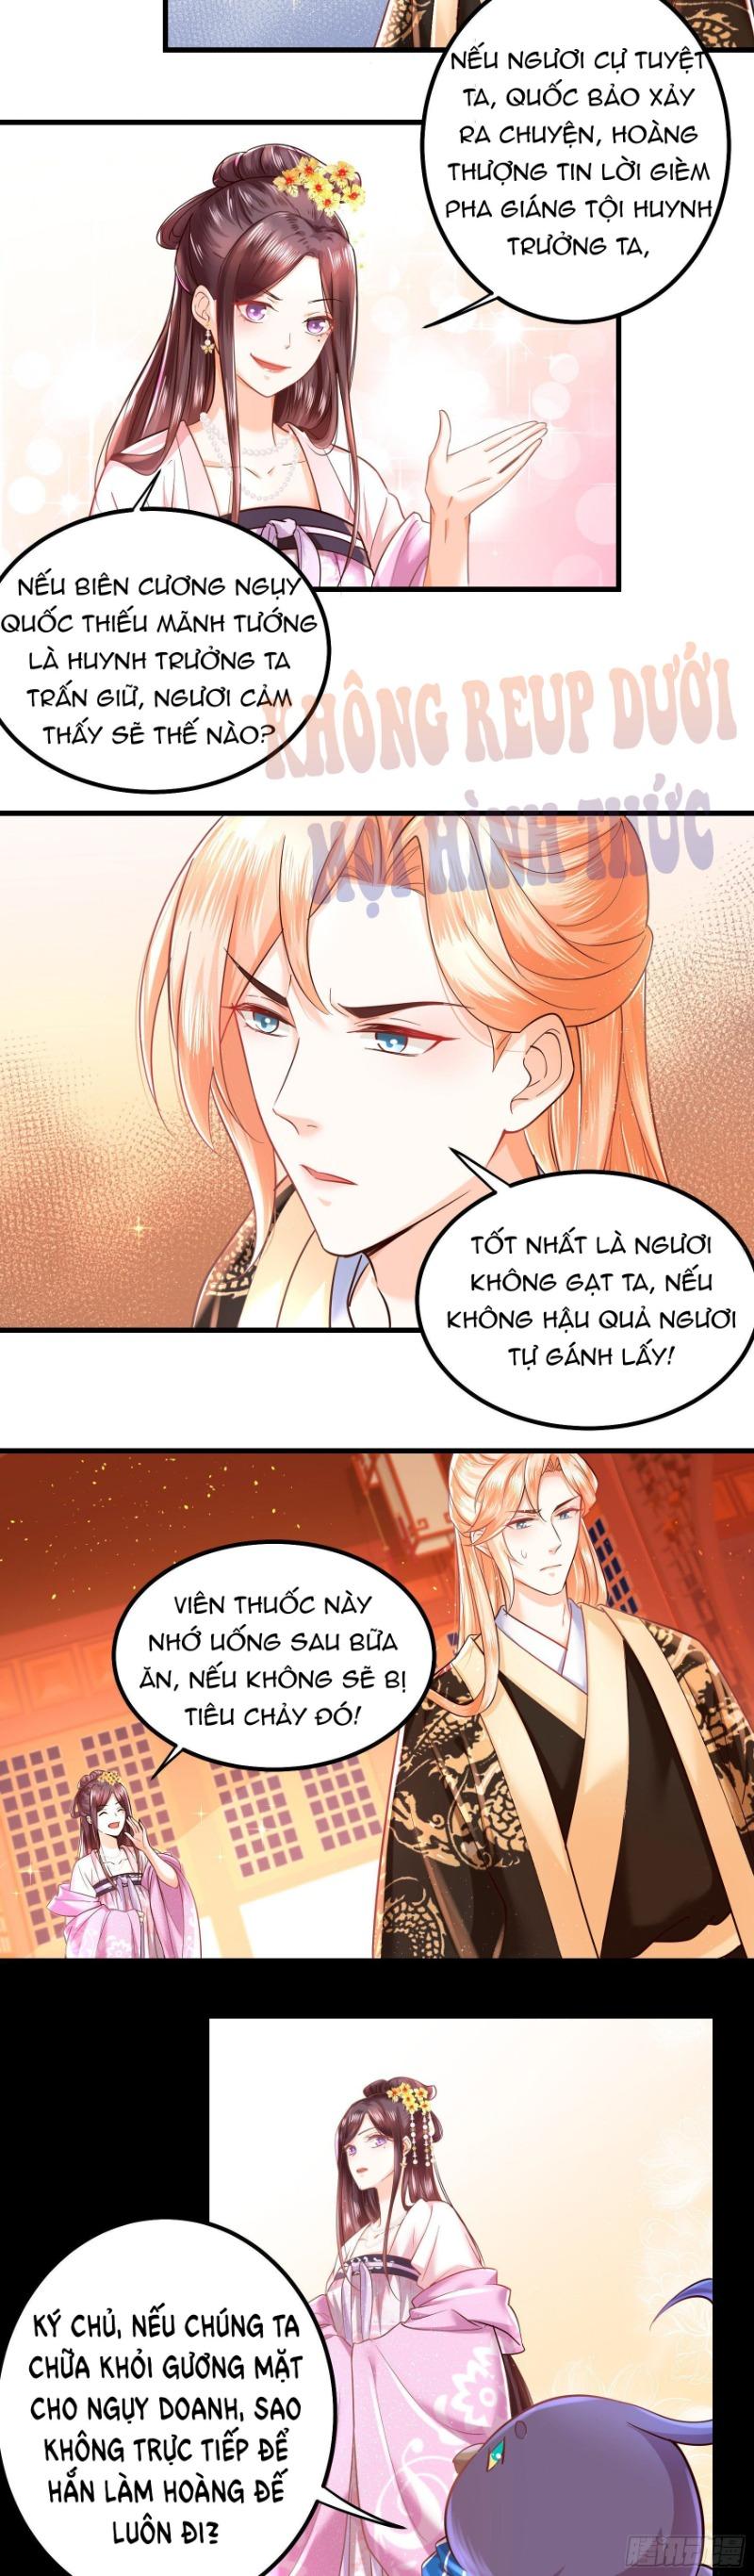 Ta Phải Làm Hoàng Hậu Chapter 12 - upload bởi truyensieuhay.com